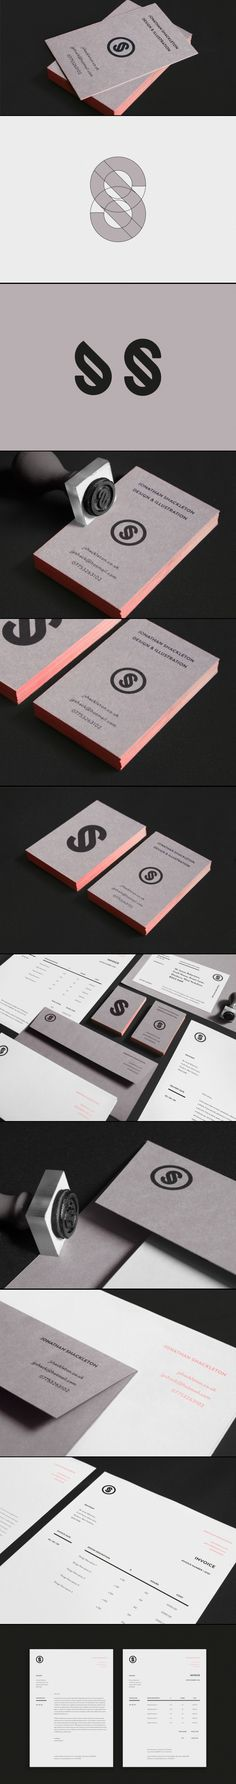 Een complete bedrijfshuisstijl inclusief stempel om het logo extra aan te brengen. #logo #huisstijl #design